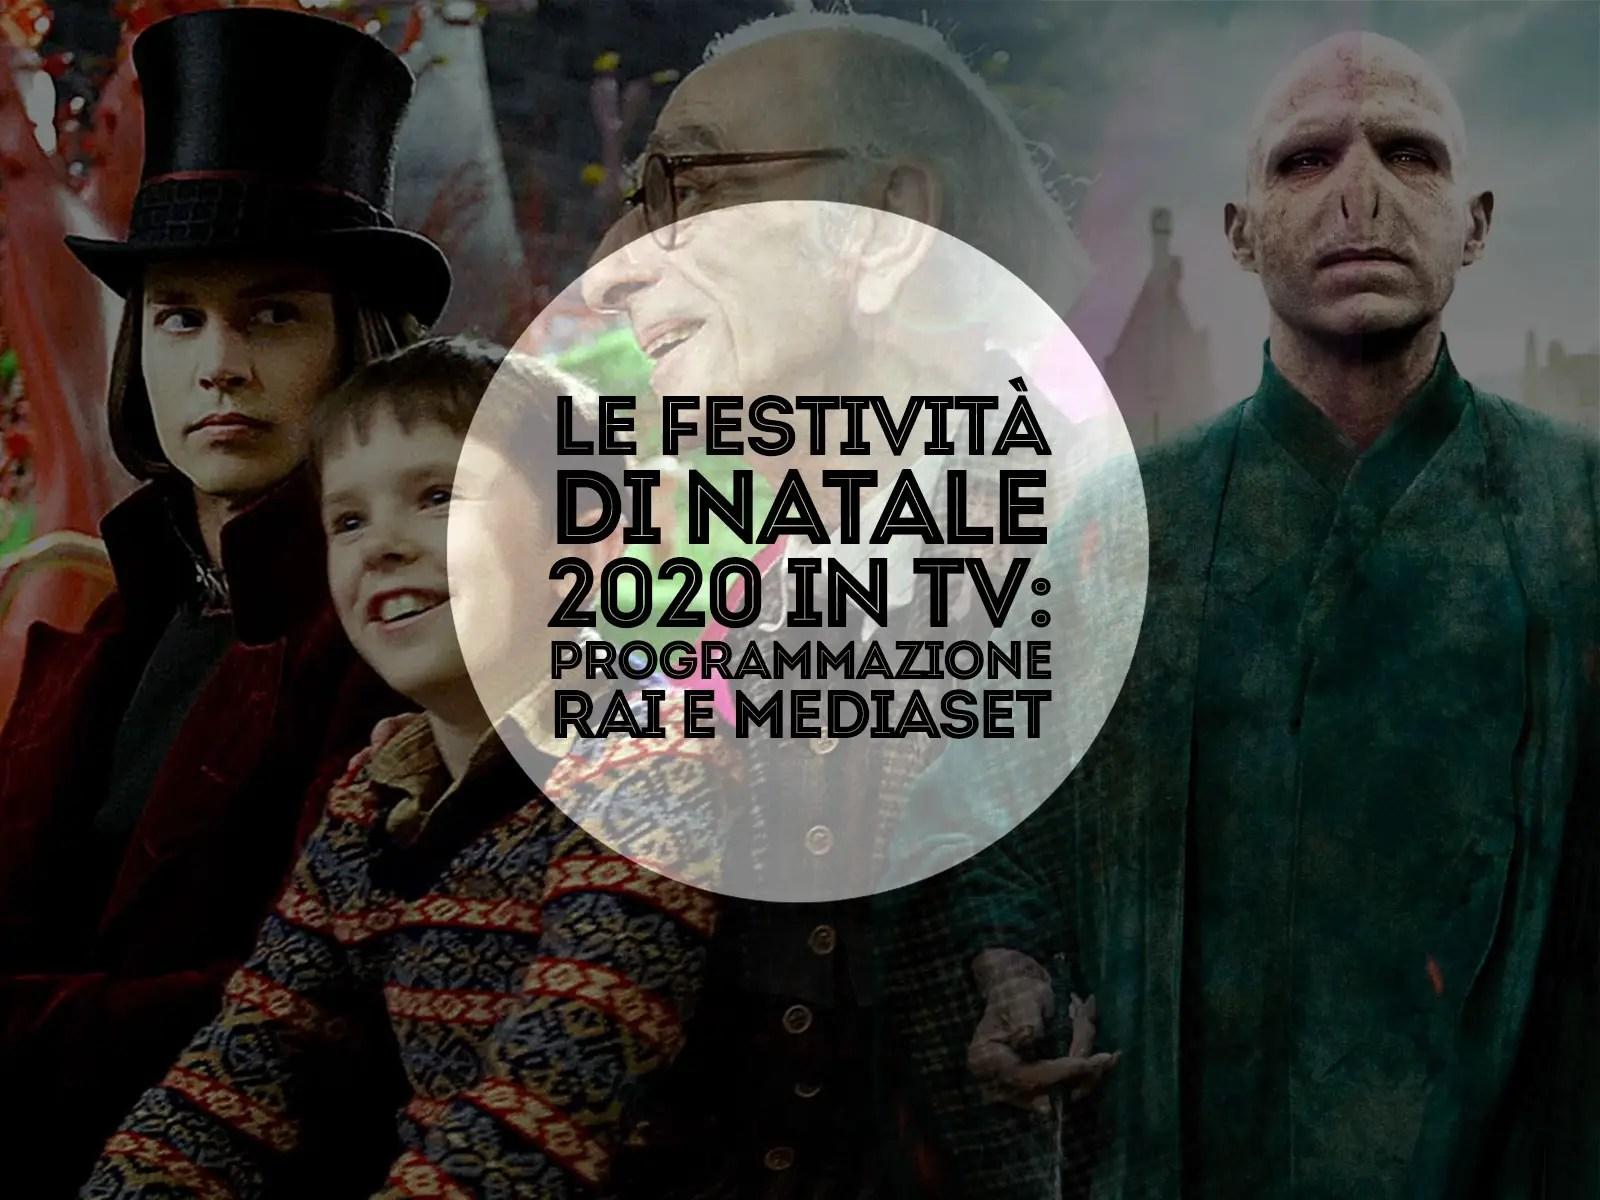 Programmazione feste di natale 2020